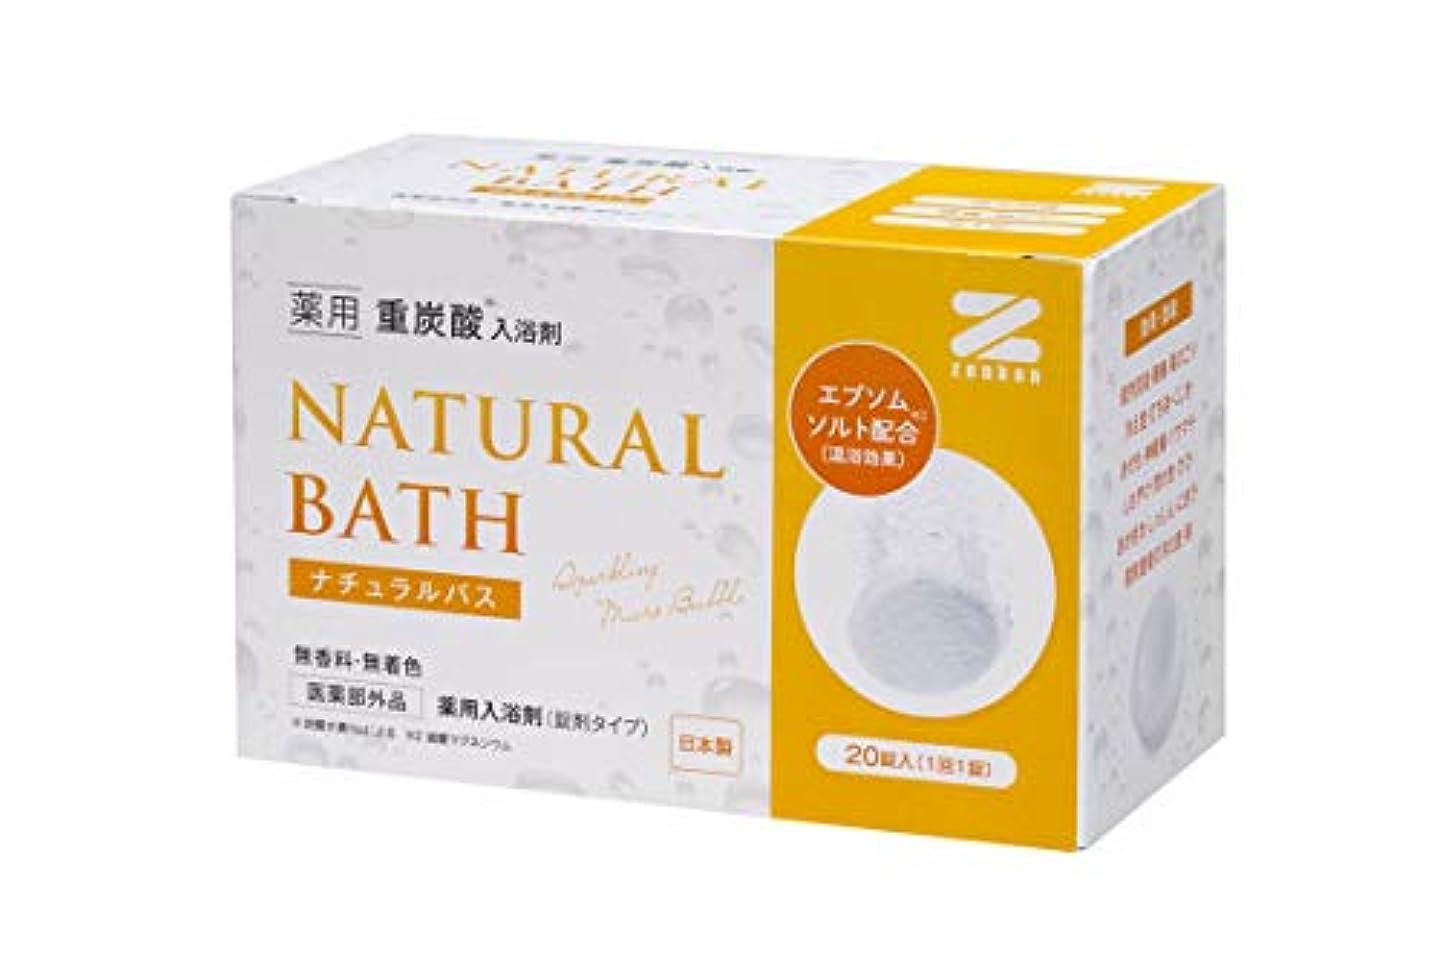 ヒロイン囲まれた熟読する薬用 重炭酸入浴剤 ナチュラルバス 20個入り ZNB-20